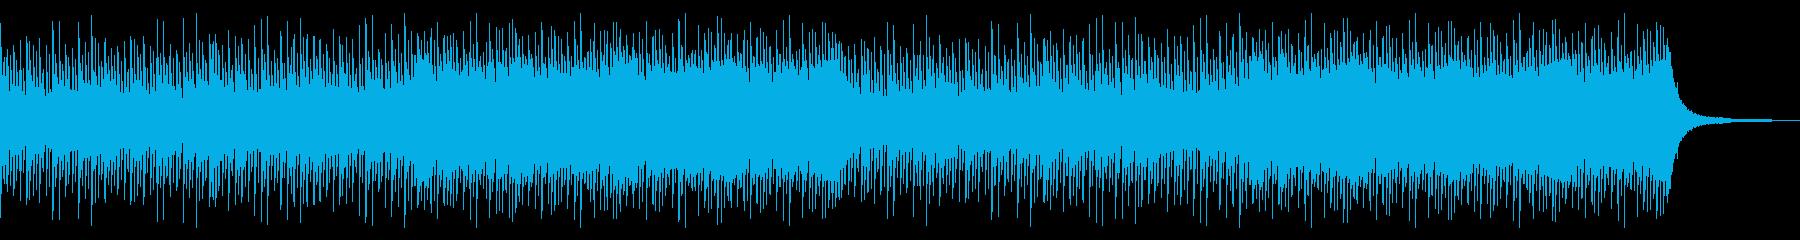 ストリングスなし 切ない ピアノ ギターの再生済みの波形